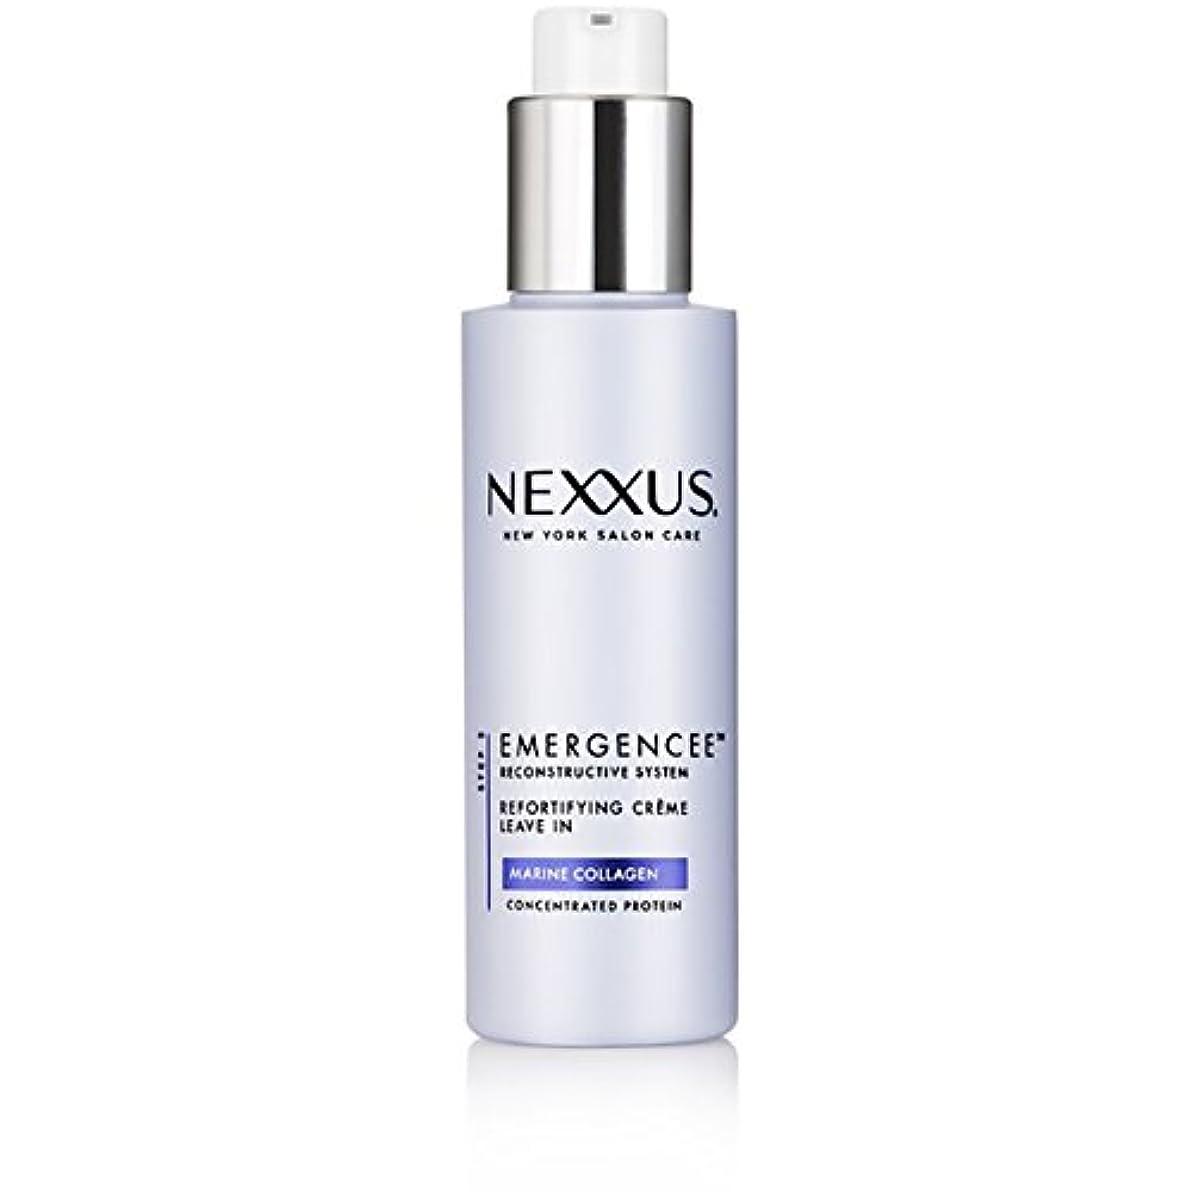 偽善膜イノセンスNexxus Emergenceeはダメージを受けた髪のためにクリーム状にしておきます、150 ml